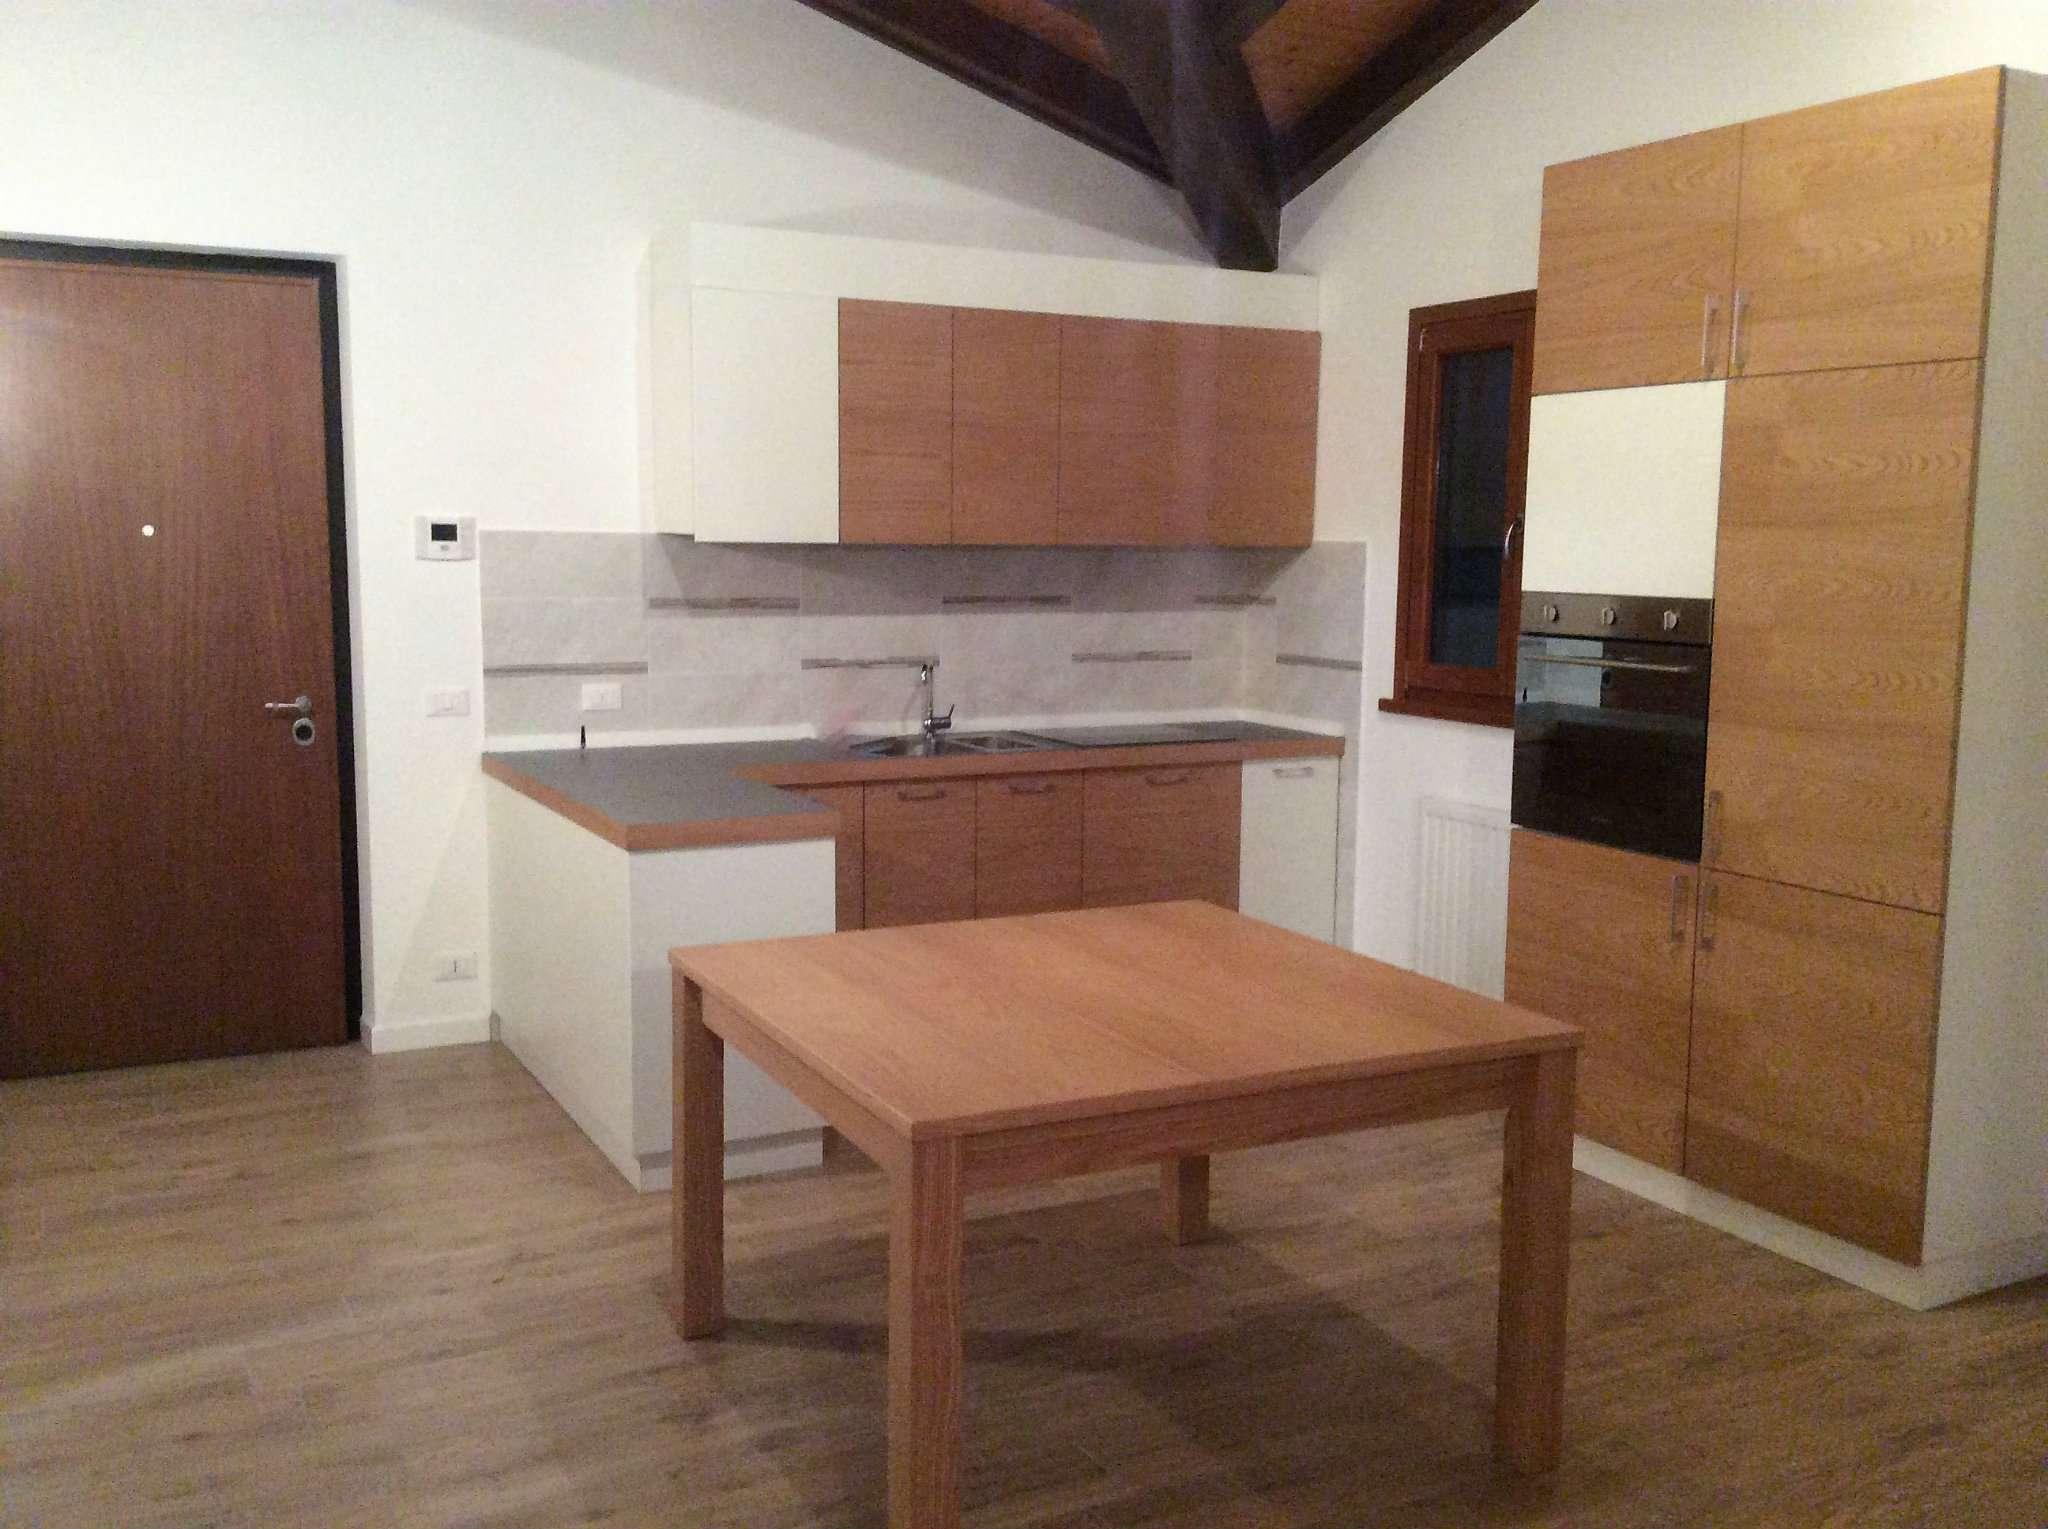 Appartamento in vendita a Premariacco, 3 locali, prezzo € 155.000 | Cambio Casa.it